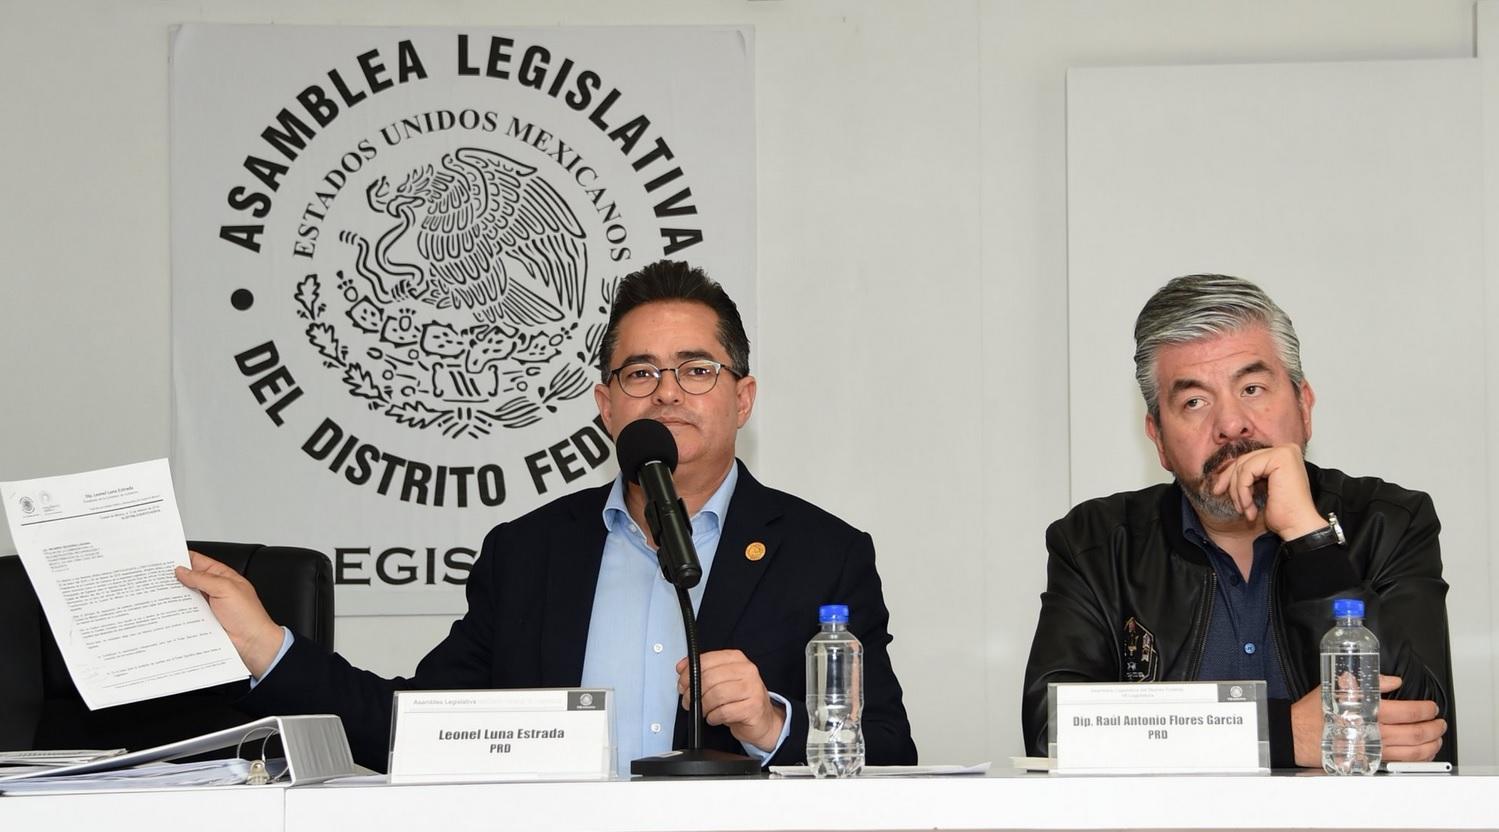 Viernes publican reformas al decreto de presupuesto para reconstrucción